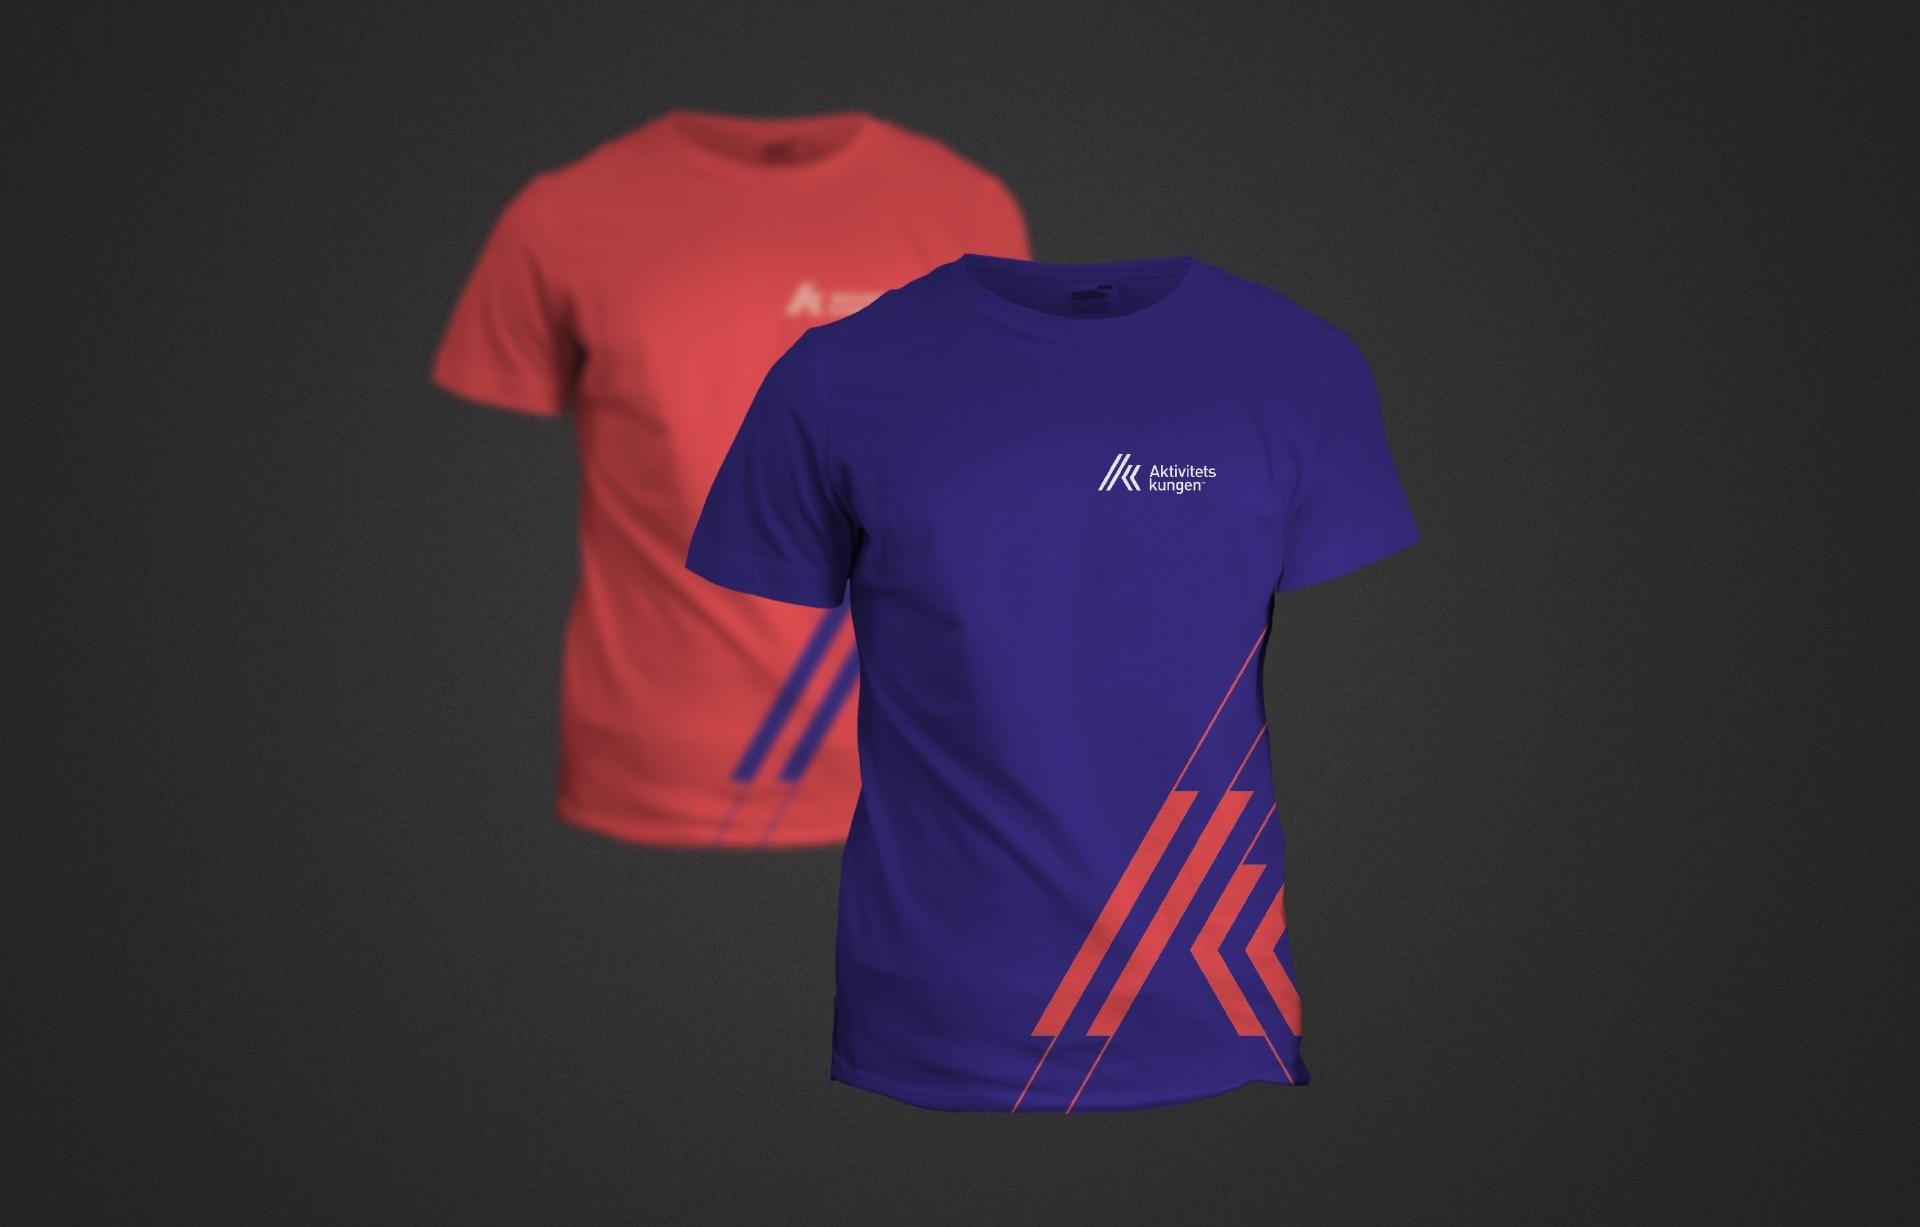 AK_t-shirts